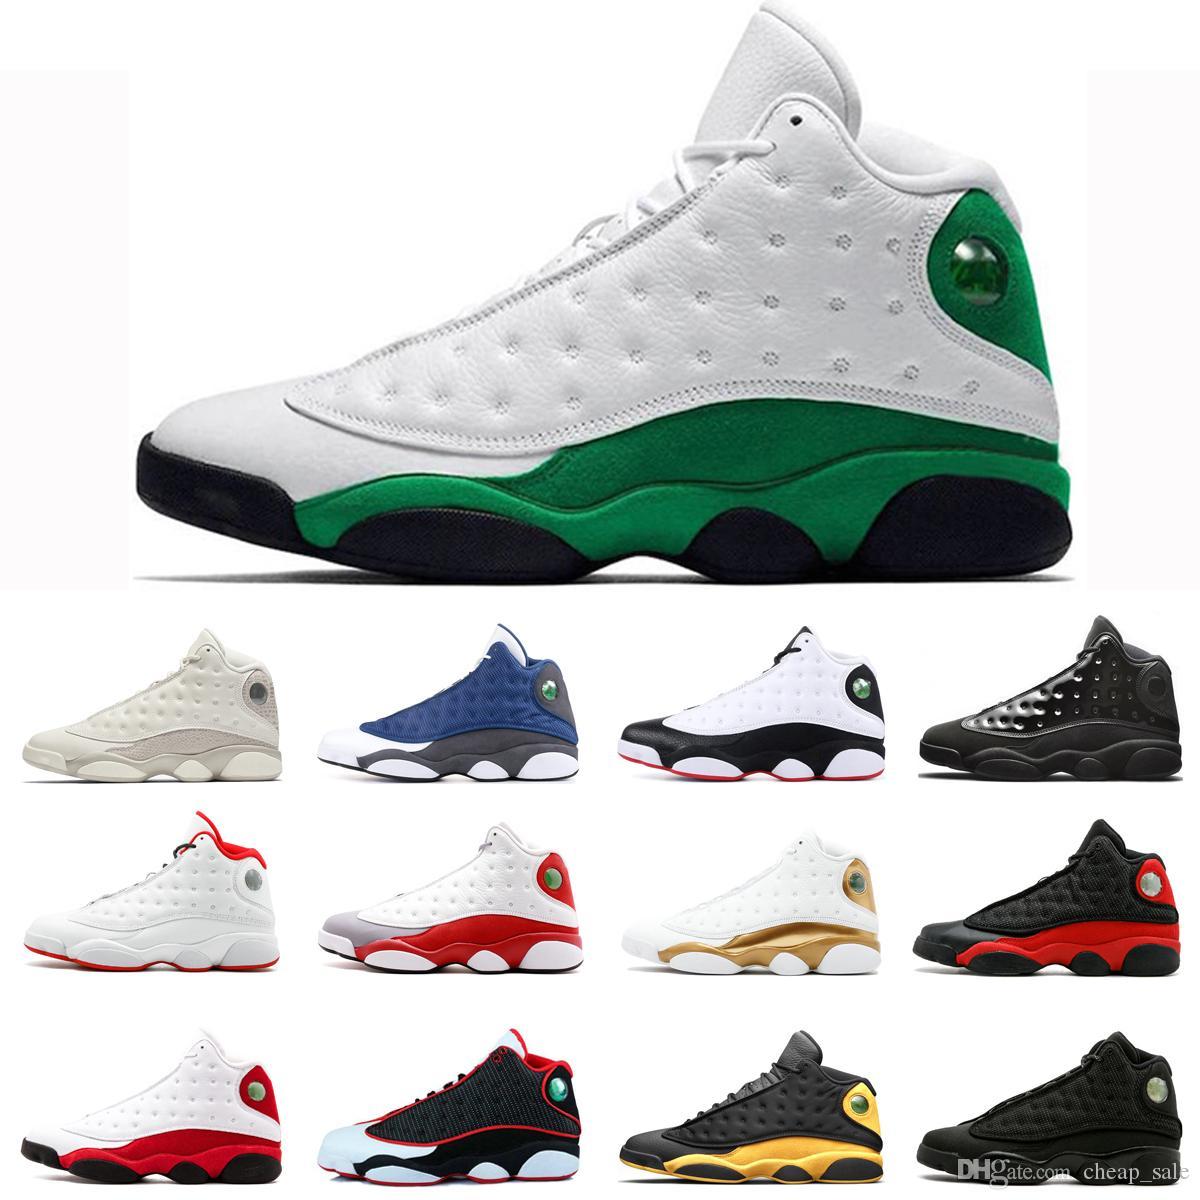 13 Celtics Green Island baloncesto zapatos 13s para los hombres Una mala jugada Hyper Real Barons Bred Phantom pista deportiva púrpura zapatilla de deporte